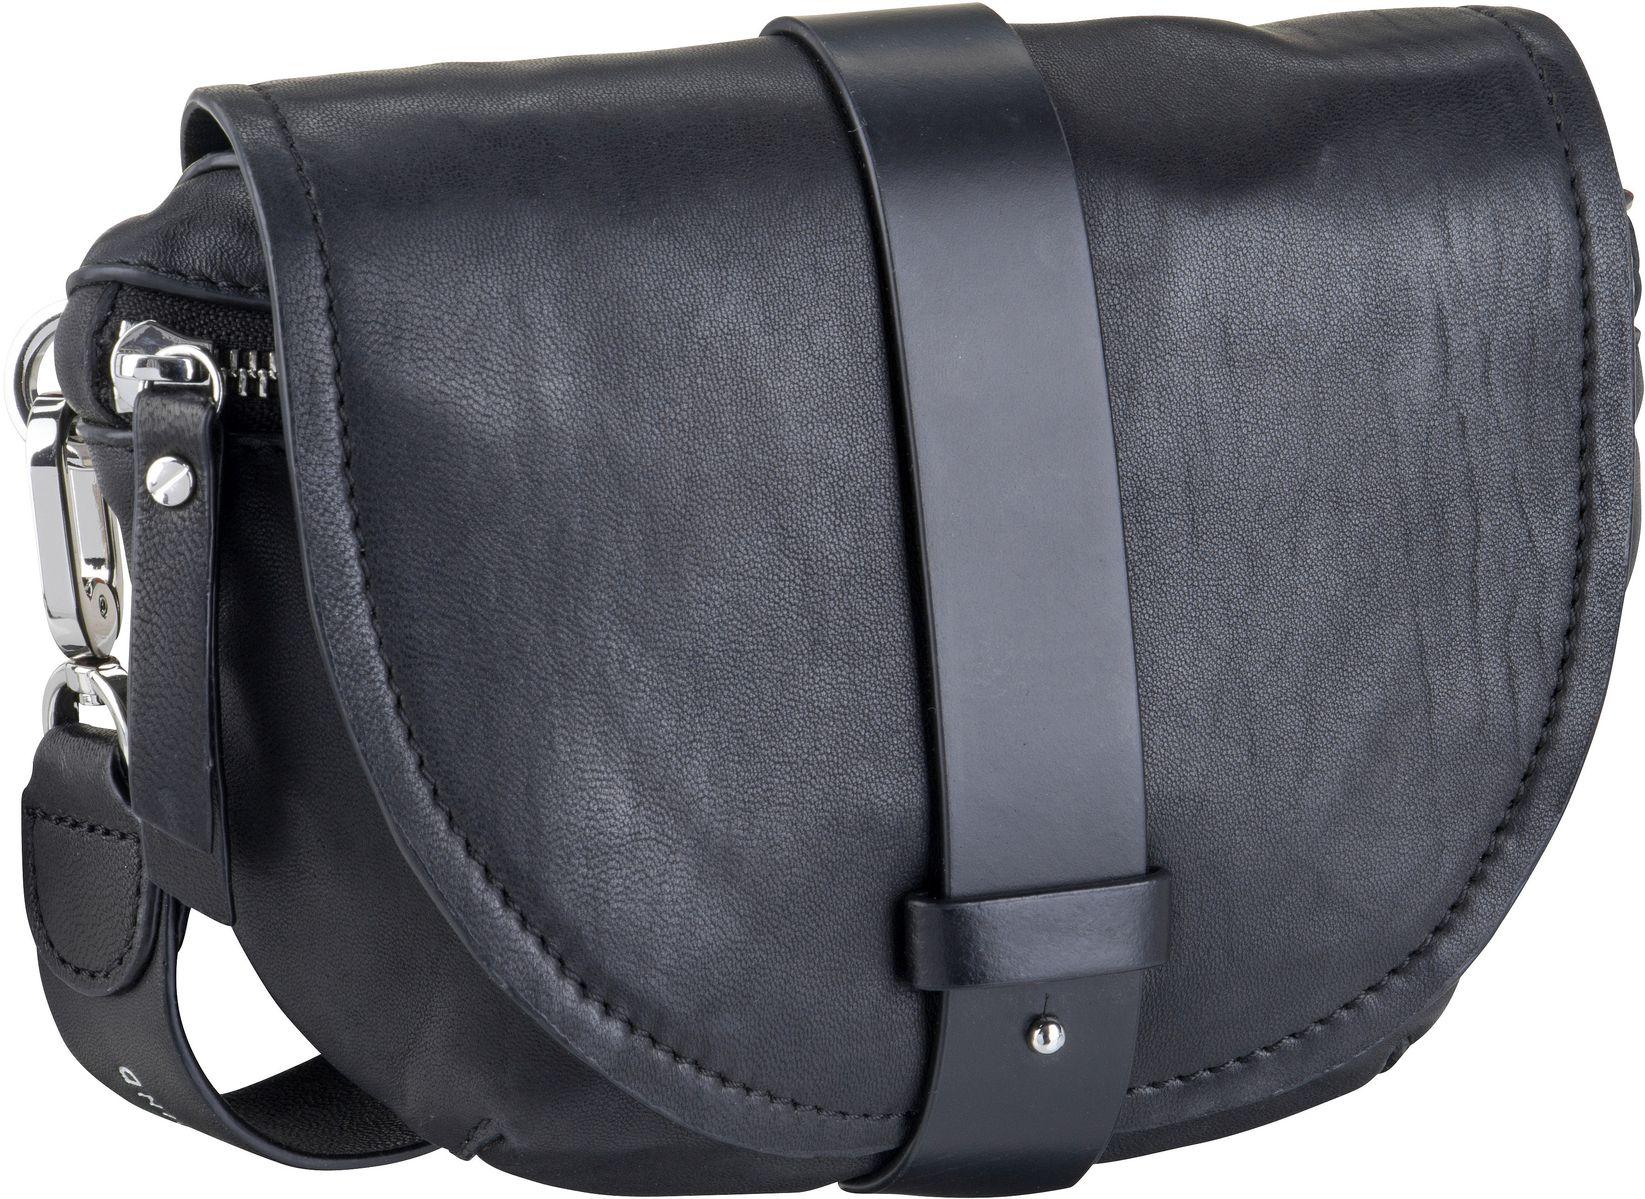 Kleinwaren - Liebeskind Berlin Gürteltasche Soft Bucket Belt Bag Black  - Onlineshop Taschenkaufhaus